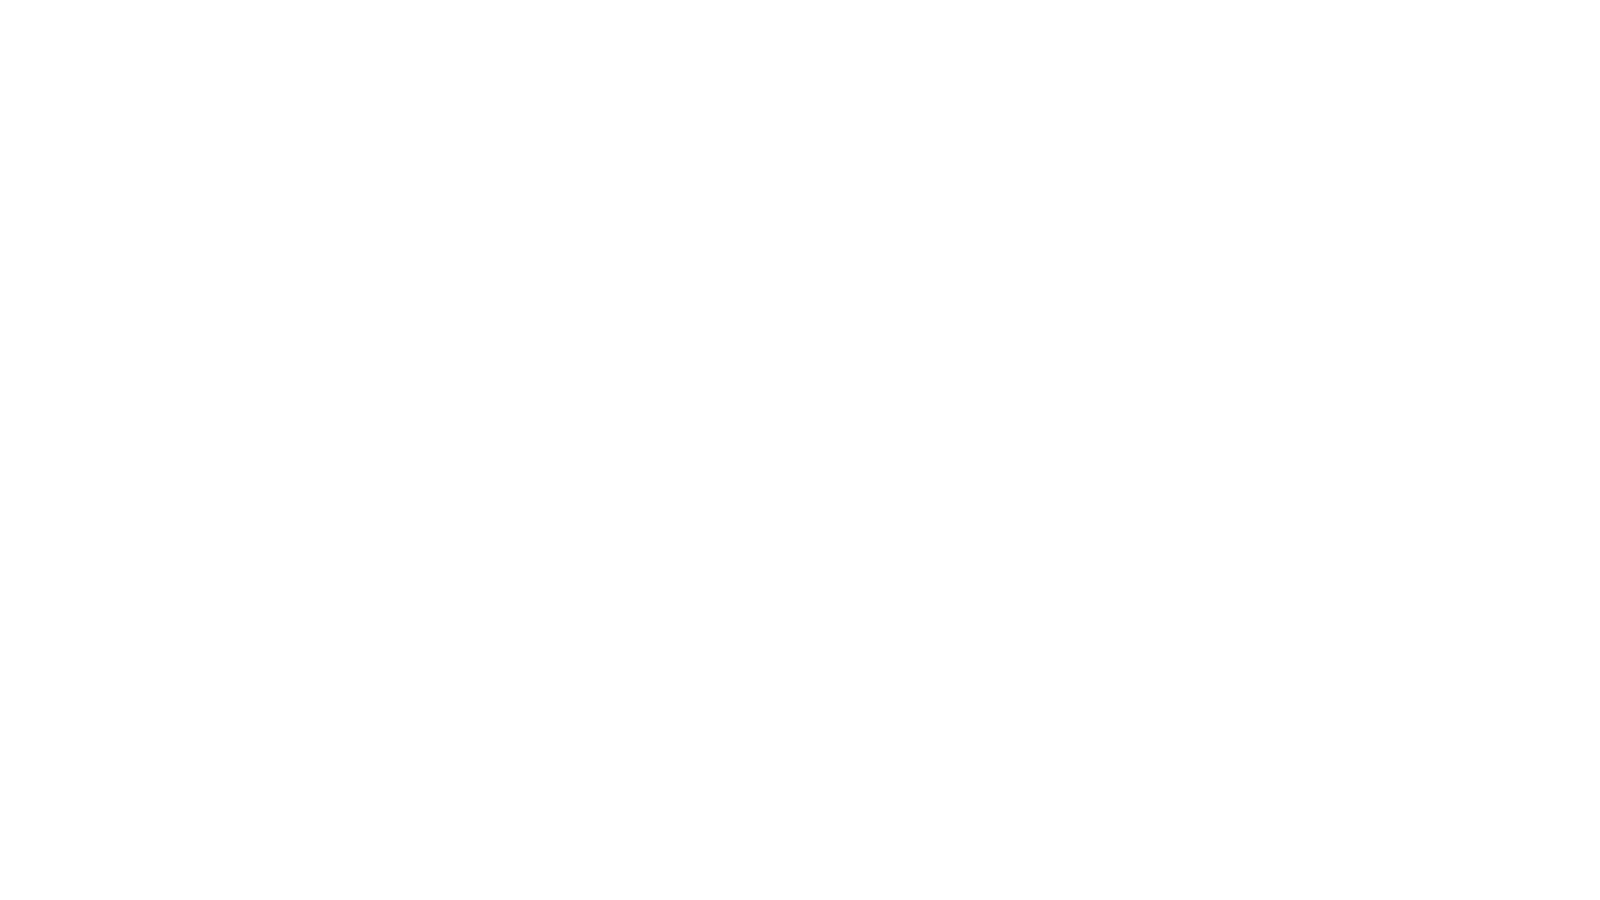 Magnus Lindwall är professor inom psykologi, föreläsare och författare. Han är aktuell med boken Motivationsrevolutionen som han har författat med Olof Röhlander.  Magnus gästar mig i LoungePodden för att prata om ALLT kring motivationsforskning. Jag tankar ur honom all kunskap om Self-determination theory(självbestämmandeteorin), hållbar motivation, growth och static mindset, internalisering, disciplin och vanebyggande.  Hur motiverar vi oss själva, medarbetare och barn? Vad säger forskningen? Varför har vissa lättare att bibehålla goda vanor? Vilka belöningar är skadliga och vilka är nödvändiga? Varför är drivkrafternas kvalitet viktigare än kvantitet? Och varför använder vi fortfarande moroten och piskan, när vi vet att det inte är hållbart?  Motivationsforskningen är komplex och finessen ligger i nyanserna. Därför blev det ett riktigt givande, långt och roligt samtal med grymma psykologiprofessorn, Magnus Lindwall. Du har inte råd att missa detta!  De avsnitt vi pratar om i samtalet:  Psykolog Niklas Laningen – Allt om Beteendedesign: https://www.loungepodden.se/podcast/86-allt-om-beteendedesign-nudging-psykolog-niklas-laninge/  Magnus Lindwalls första besök i loungen – Allt om Självkänsla: https://www.loungepodden.se/podcast/70-allt-om-sjalvkansla-del-1-professor-forskare-magnus-lindwall/   Gillar du det vi gör?  Stötta oss gärna på Patreon:  https://www.patreon.com/taimaz  Mer info på https://www.loungepodden.se  ❤️ Tack för ditt stöd! ❤️   Följ @loungepodden på alla sociala medier!  YouTube: https://www.youtube.com/channel/UCLKiCeQSPOfRmhXA_1m9M2A  Instagram: https://www.instagram.com/loungepodden  Linkedin: https://www.linkedin.com/company/loungepodden  Facebook: https://www.facebook.com/LoungePodden  Följ Taimaz  Instagram: https://www.instagram.com/taimazghaffari/  Linkedin: https://se.linkedin.com/in/taimaz-ghaffari-22789b21